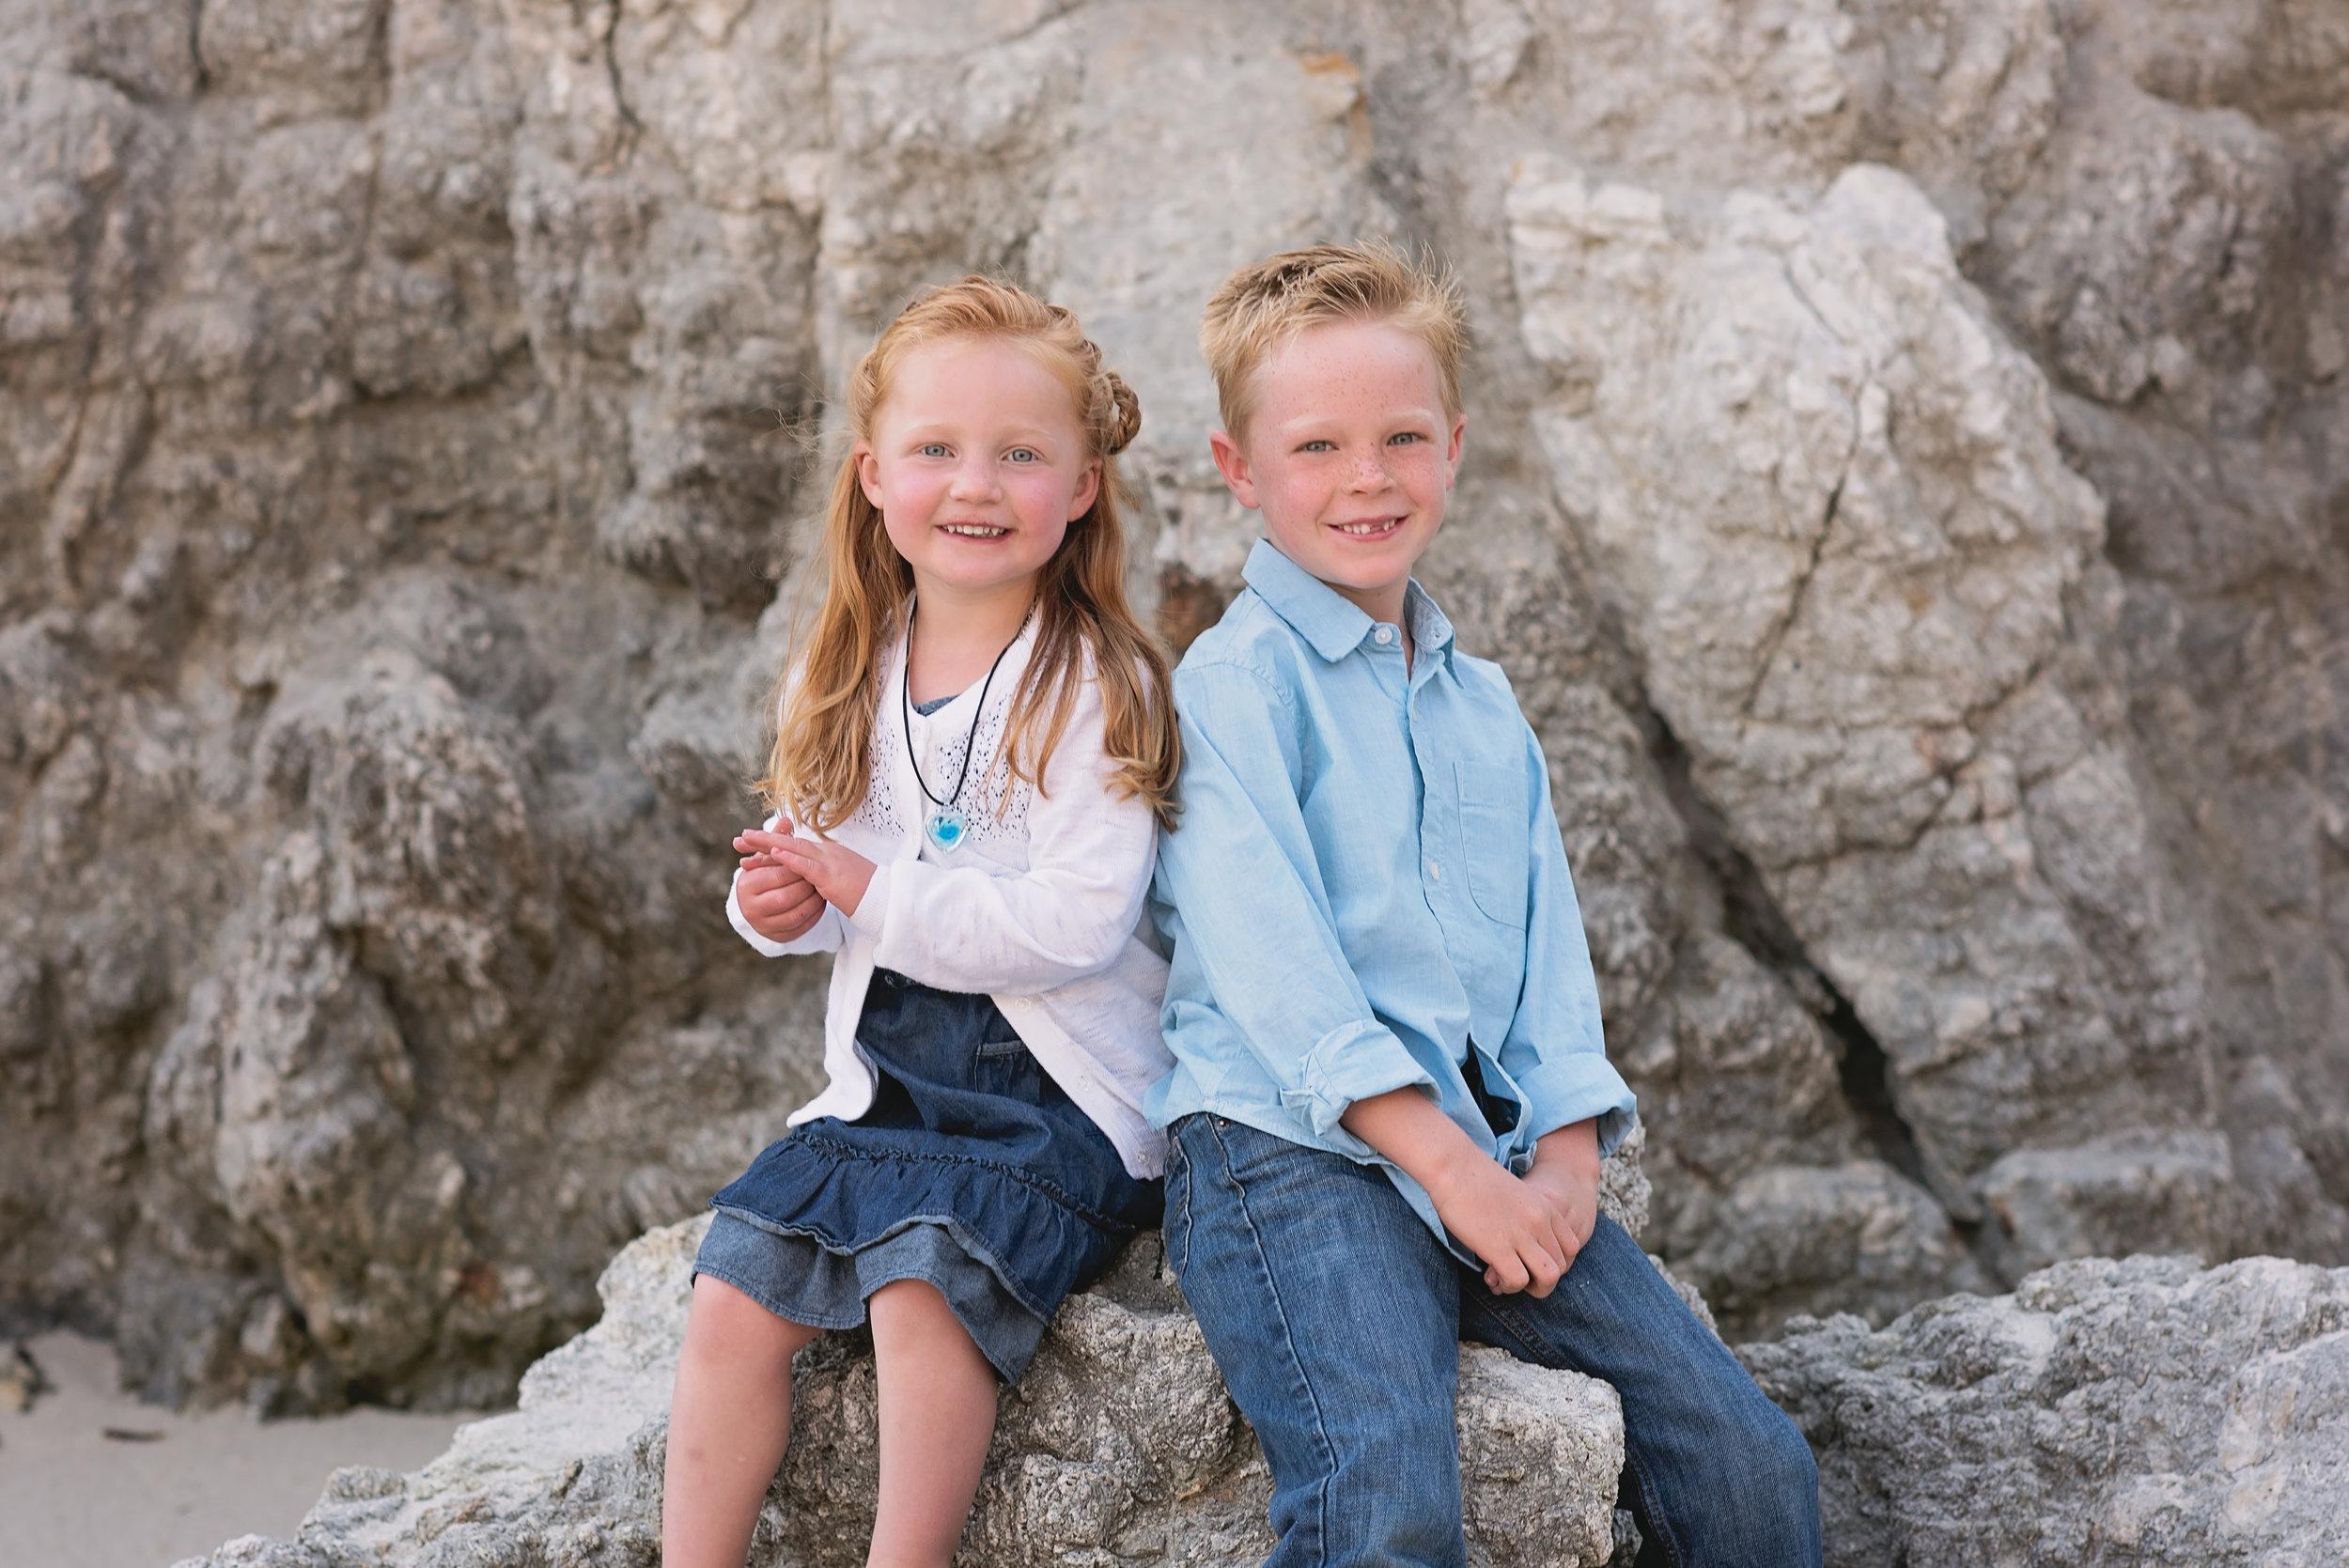 Family Photos, Point Lobos, Carmel, CA